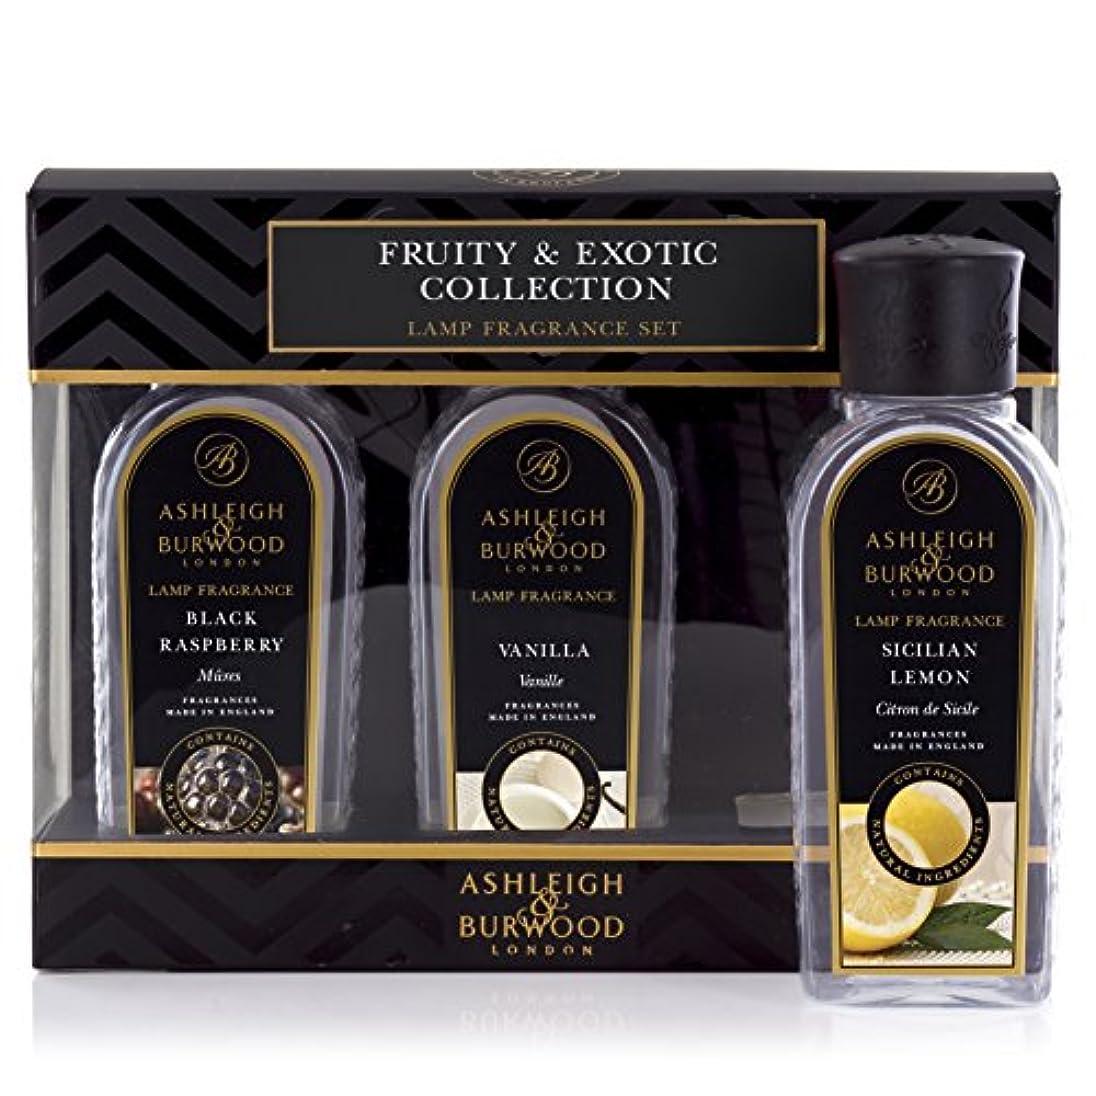 メッセージニックネーム限定Ashleigh&Burwood ランプフレグランス フルーティー&エキゾチック3本セット Lamp Fragrances Fruity&Exotic アシュレイ&バーウッド